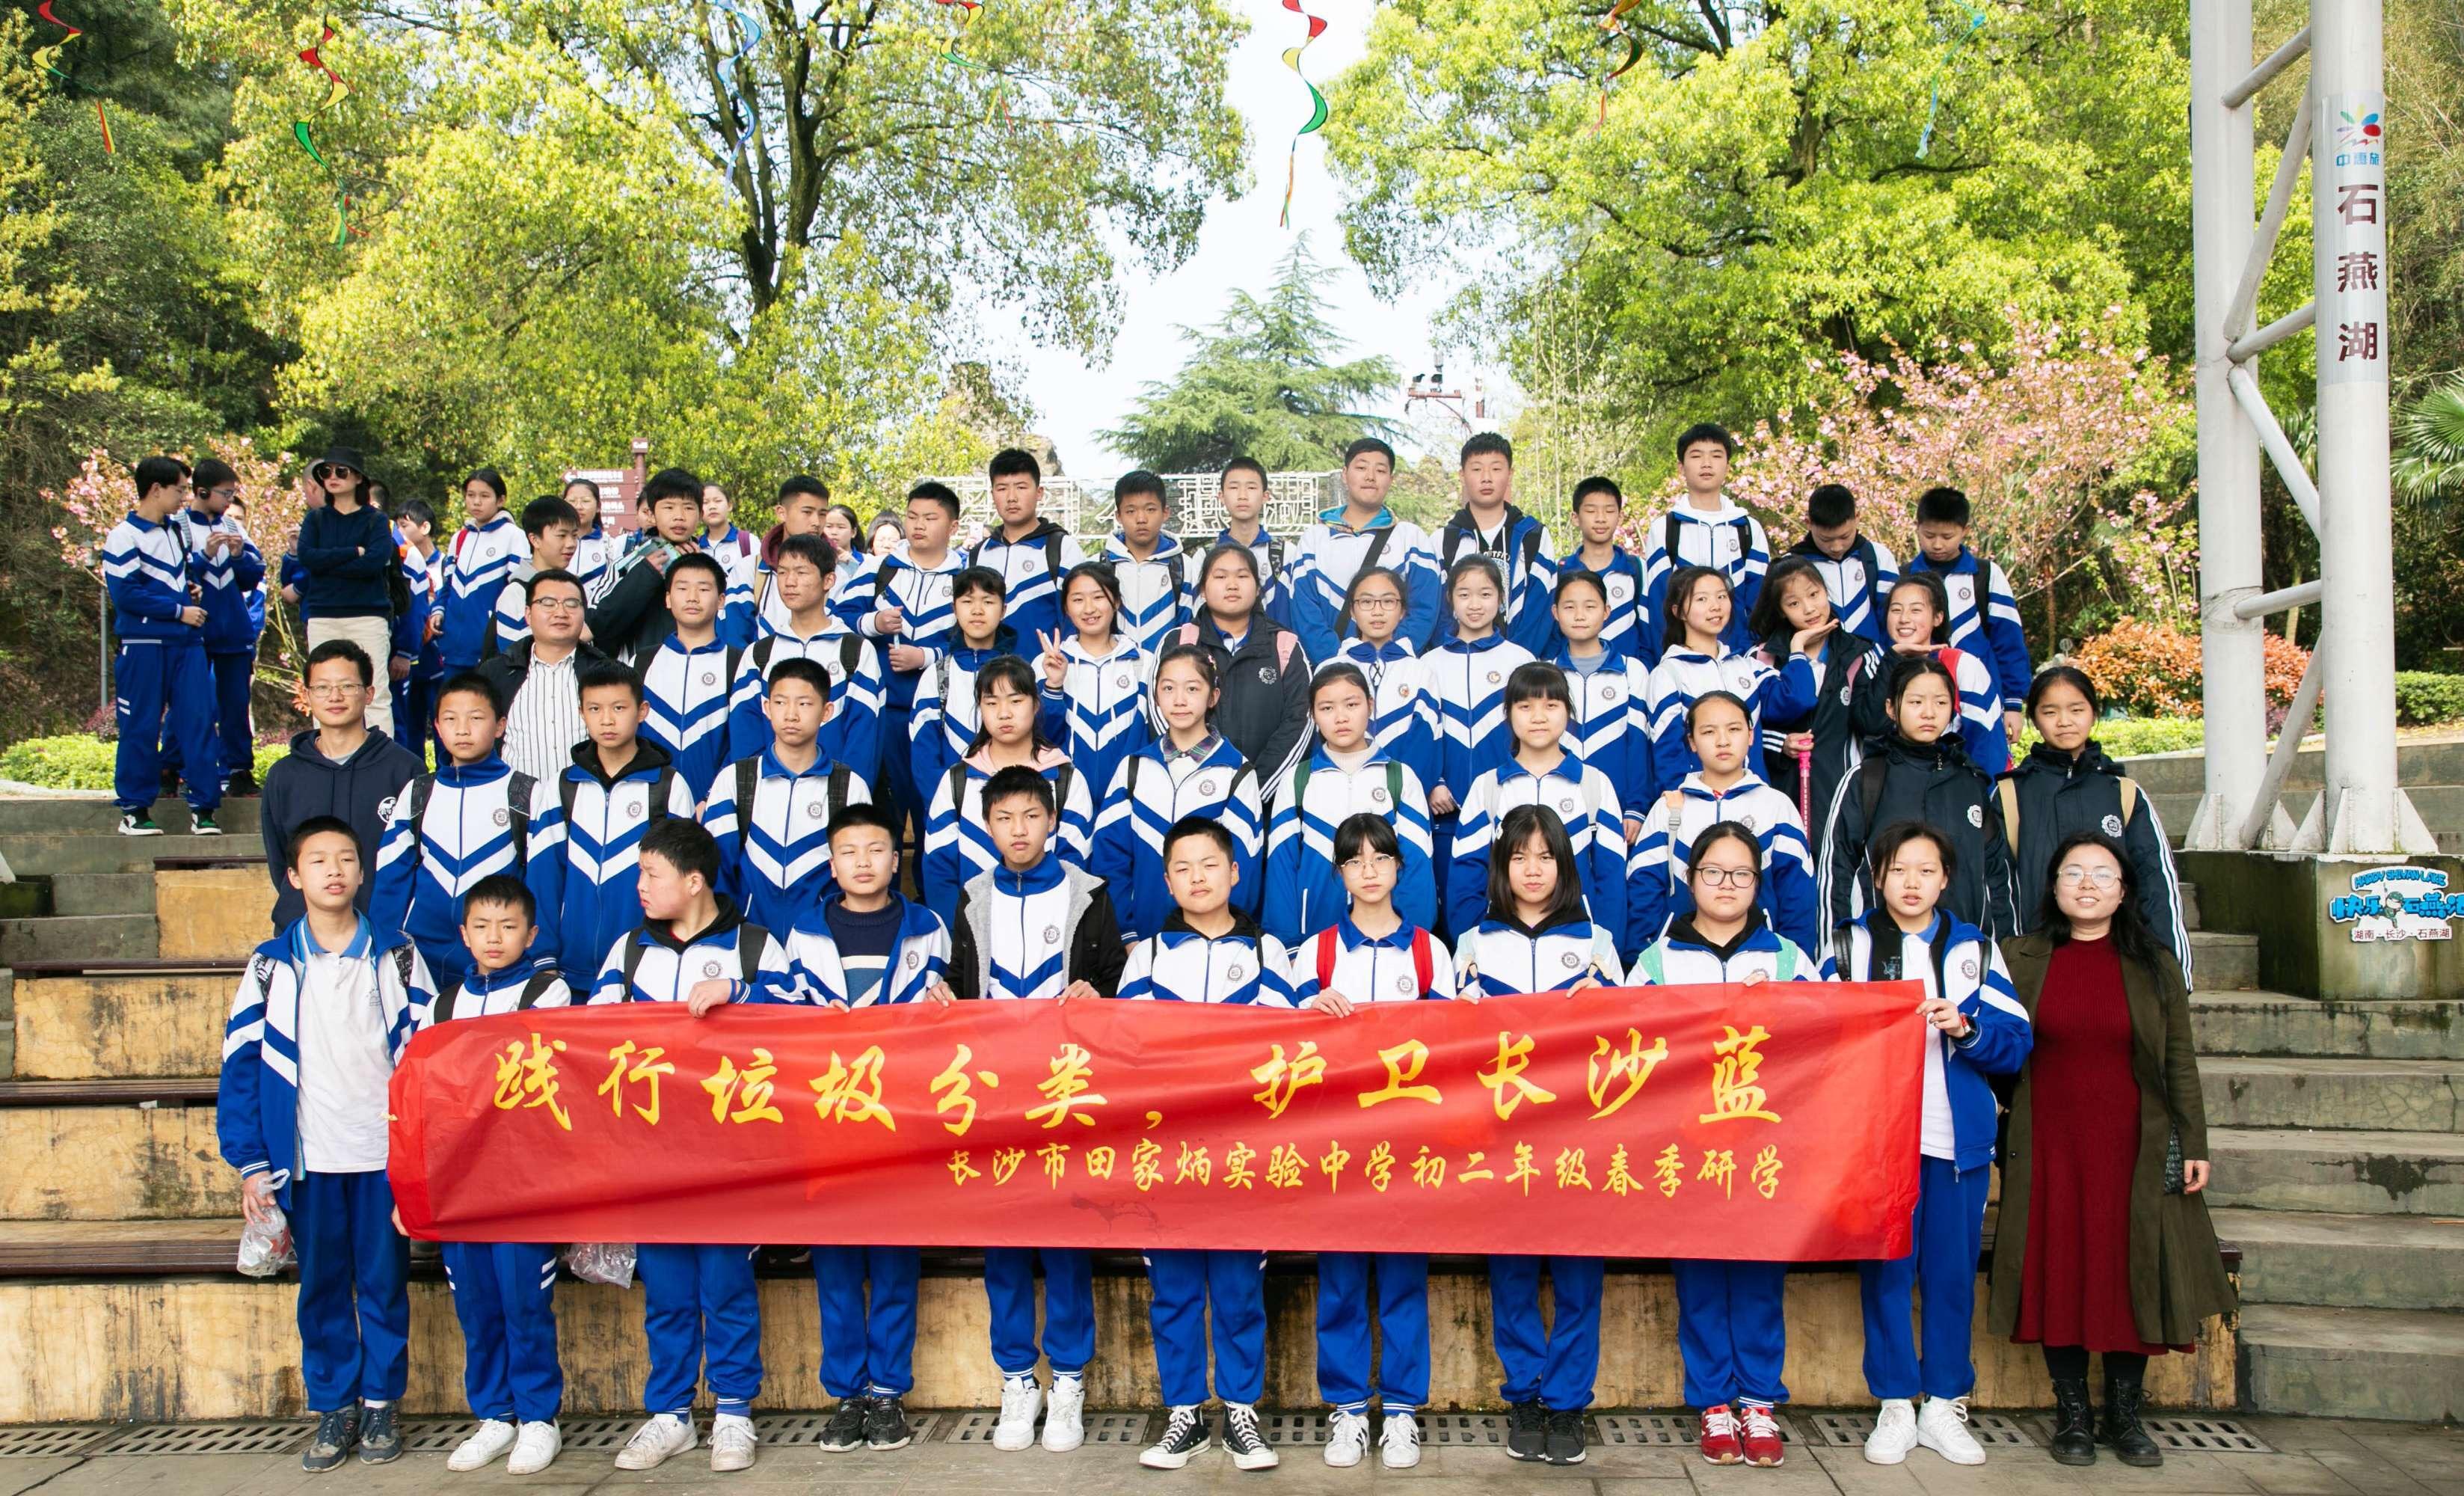 375班:春色青青好心情,石燕湖中团结行